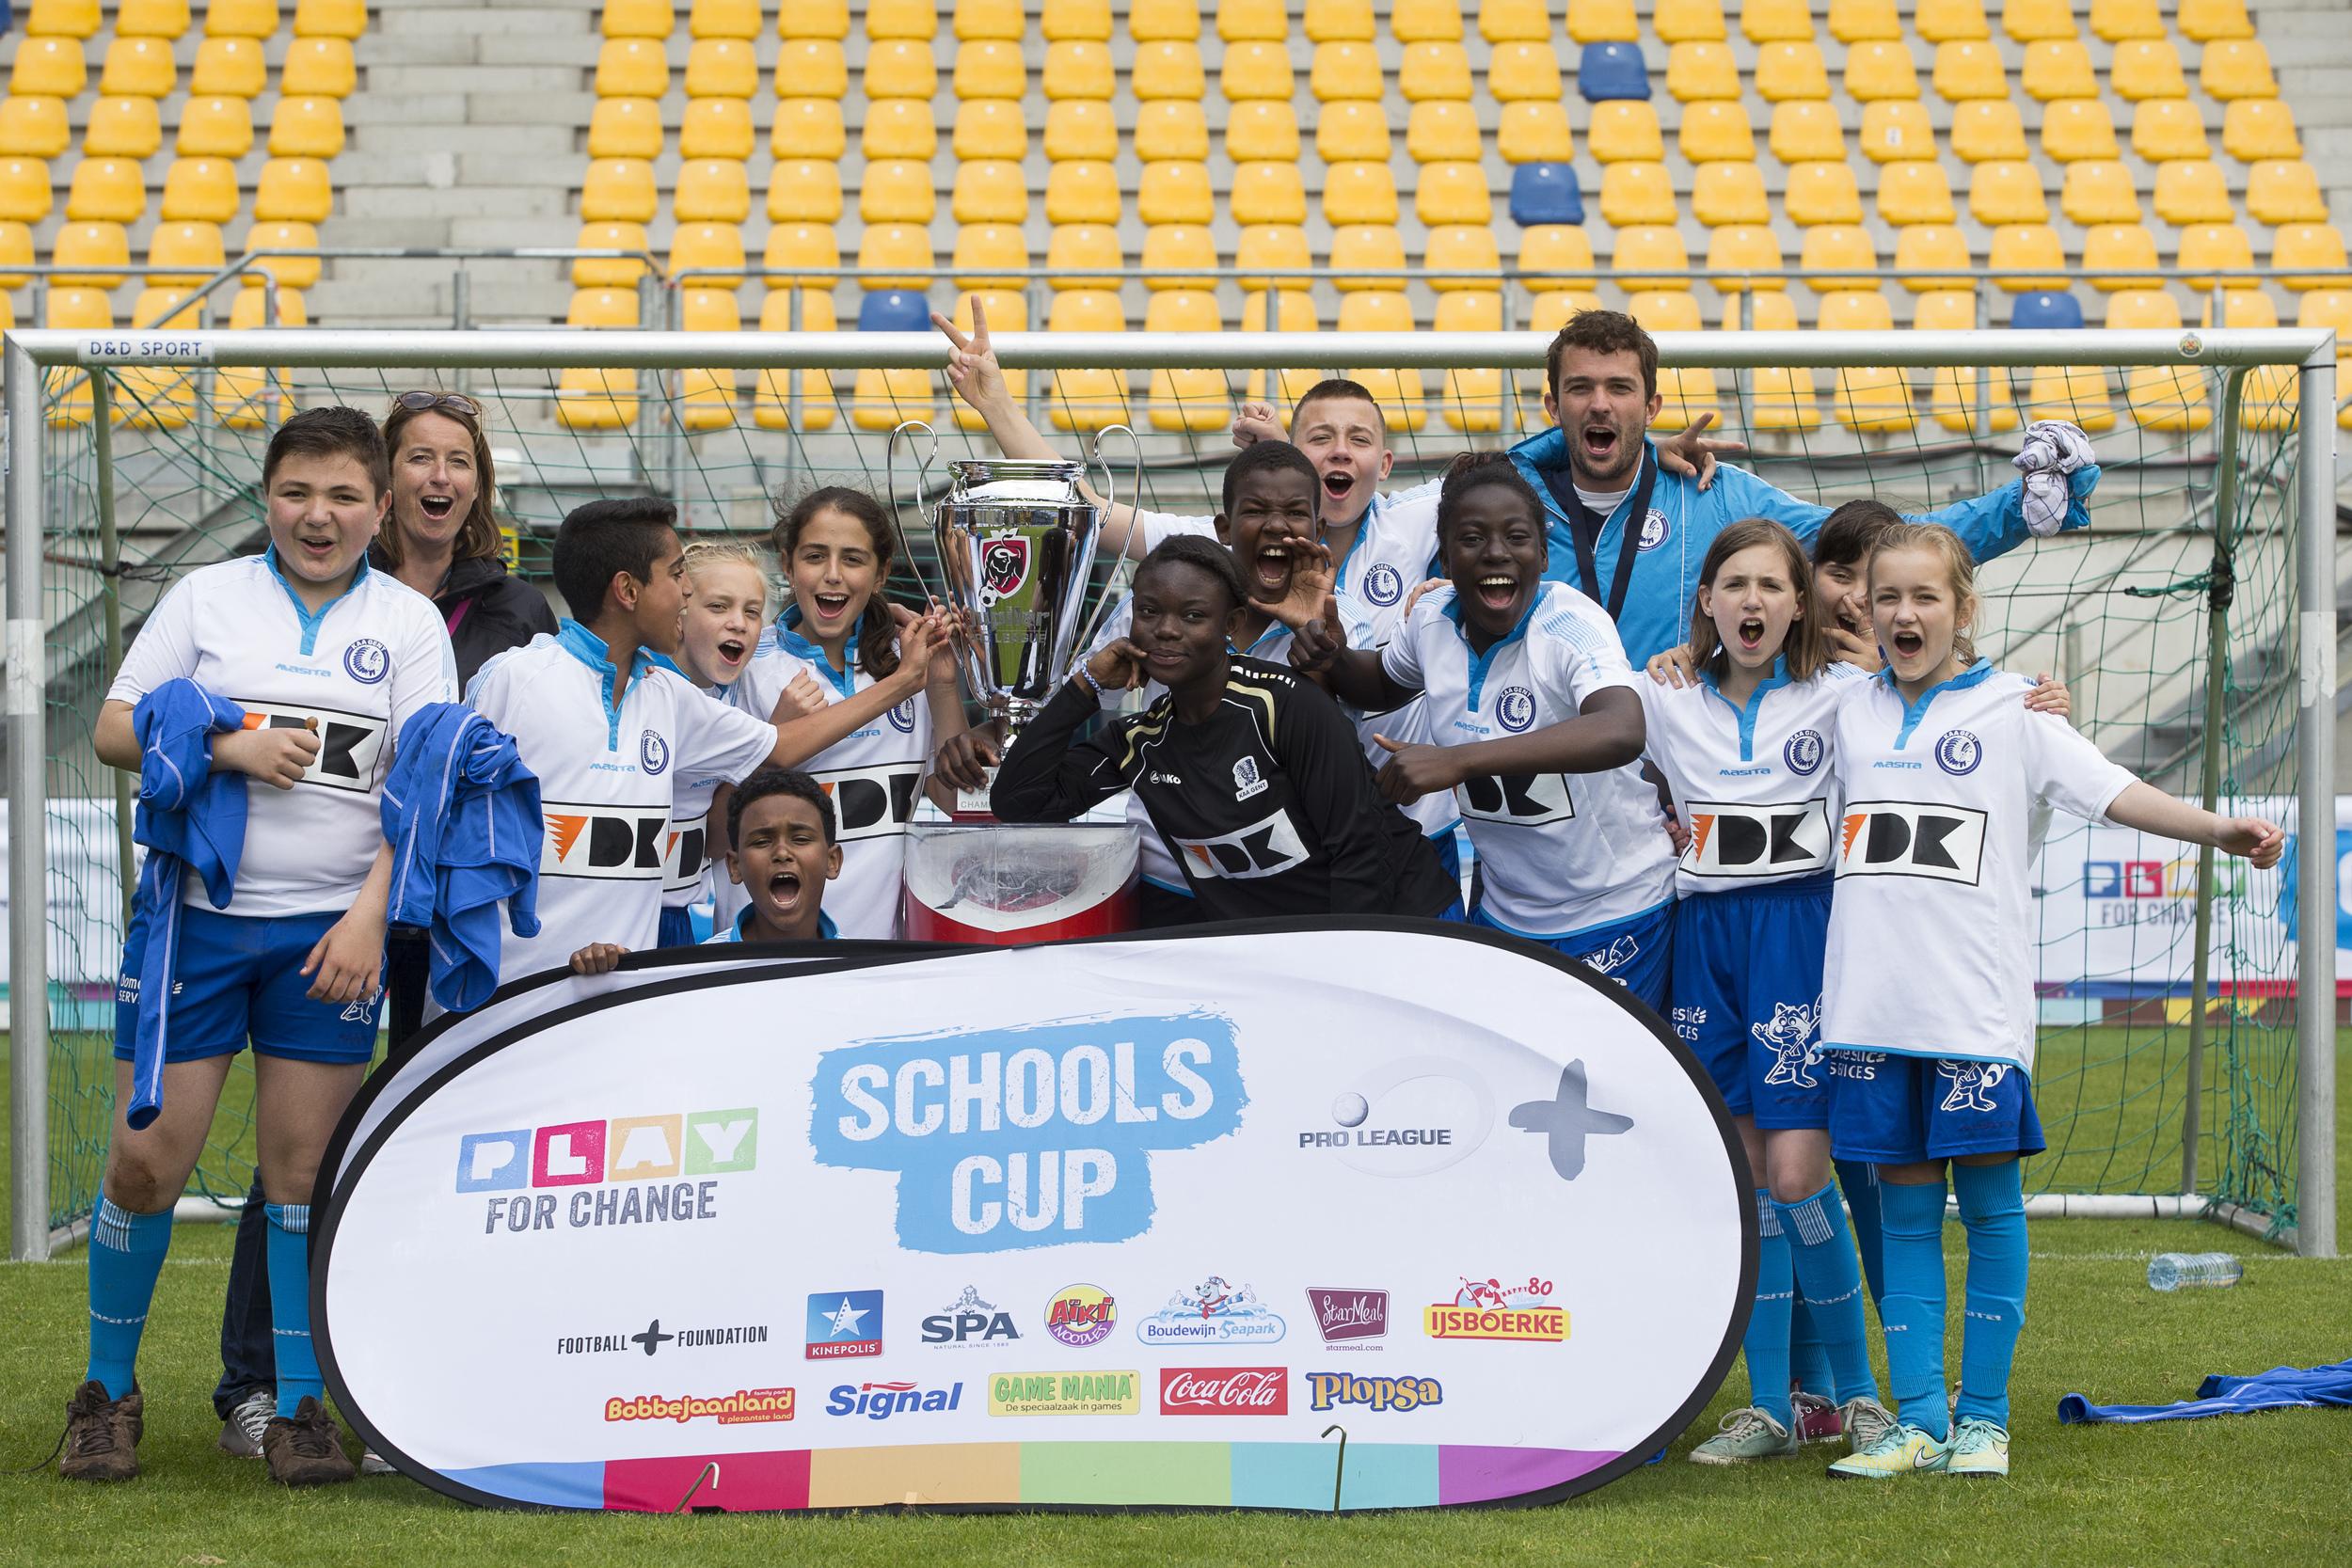 Schools Cup 2015